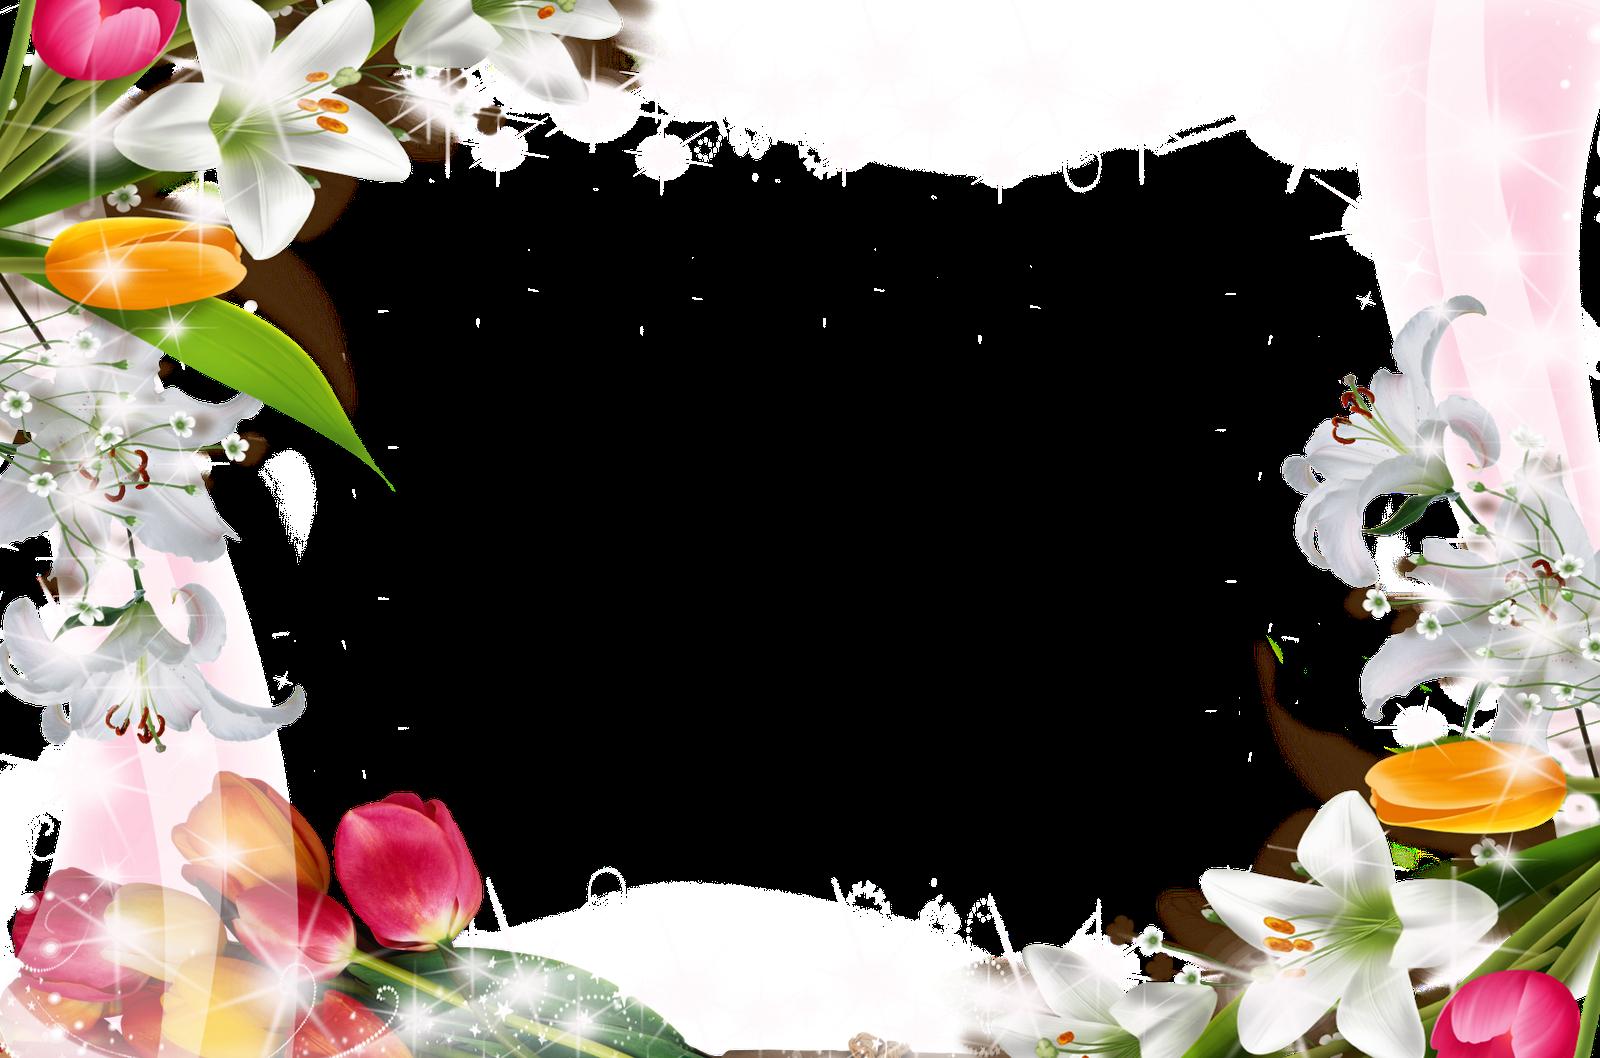 Imagen - Eileen y la flor de la Sakura imagen código.png | Wiki La ...